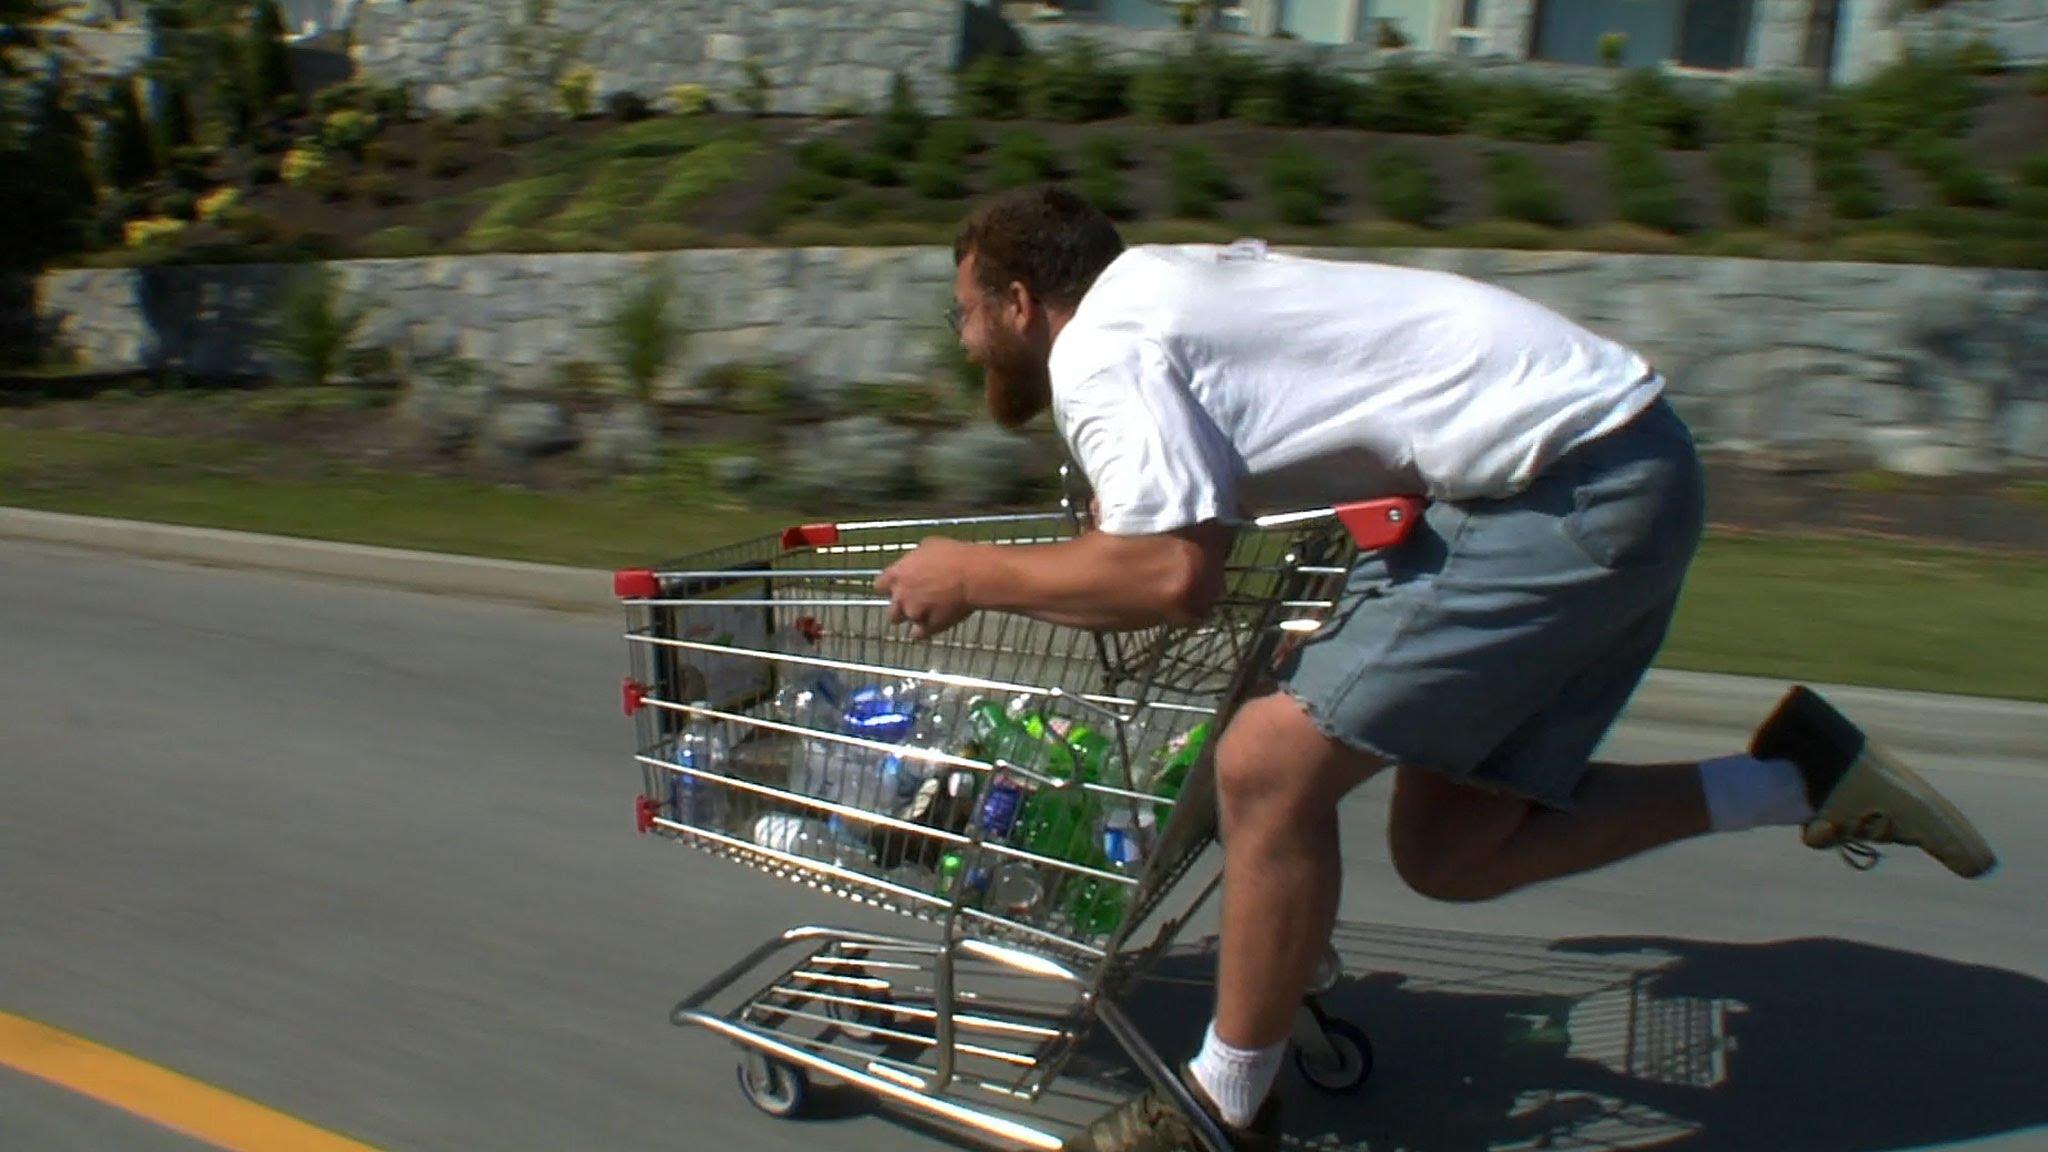 'Carts of Darkness' – Alptraum aller Einkaufswagen